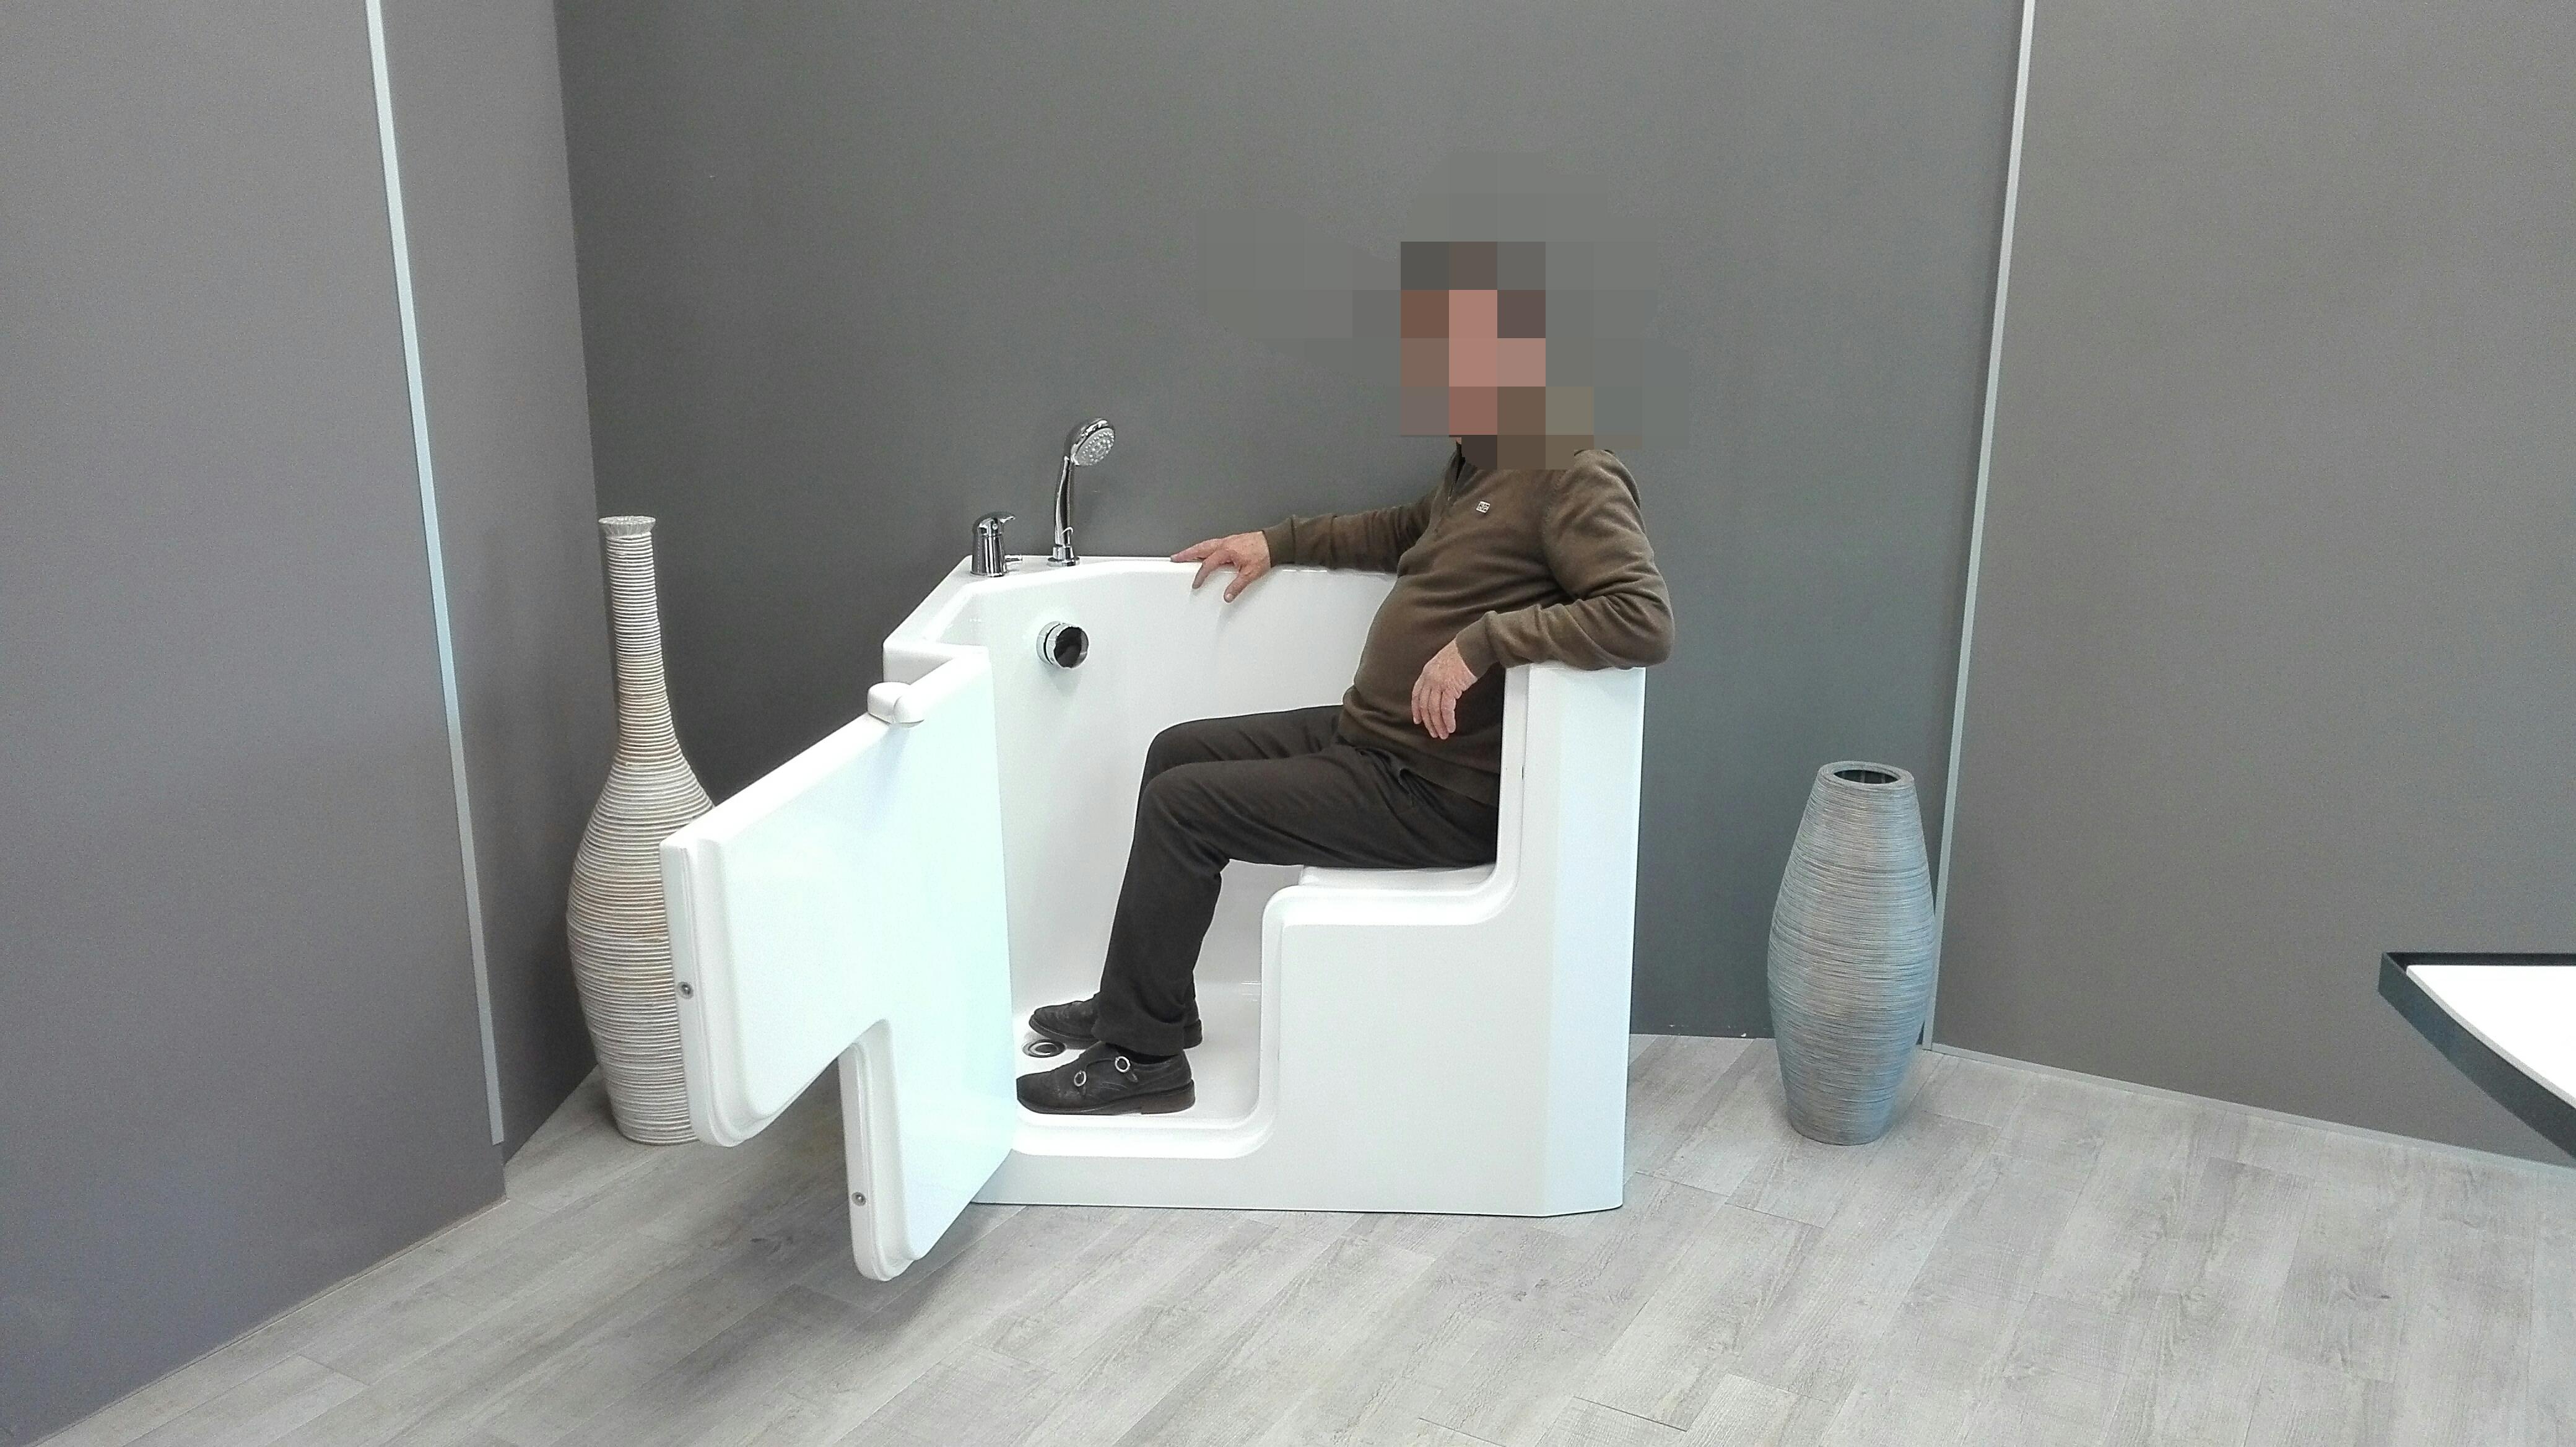 Vasca doccia per anziani e disabili ad accesso diretto - Vasche da bagno per anziani ...